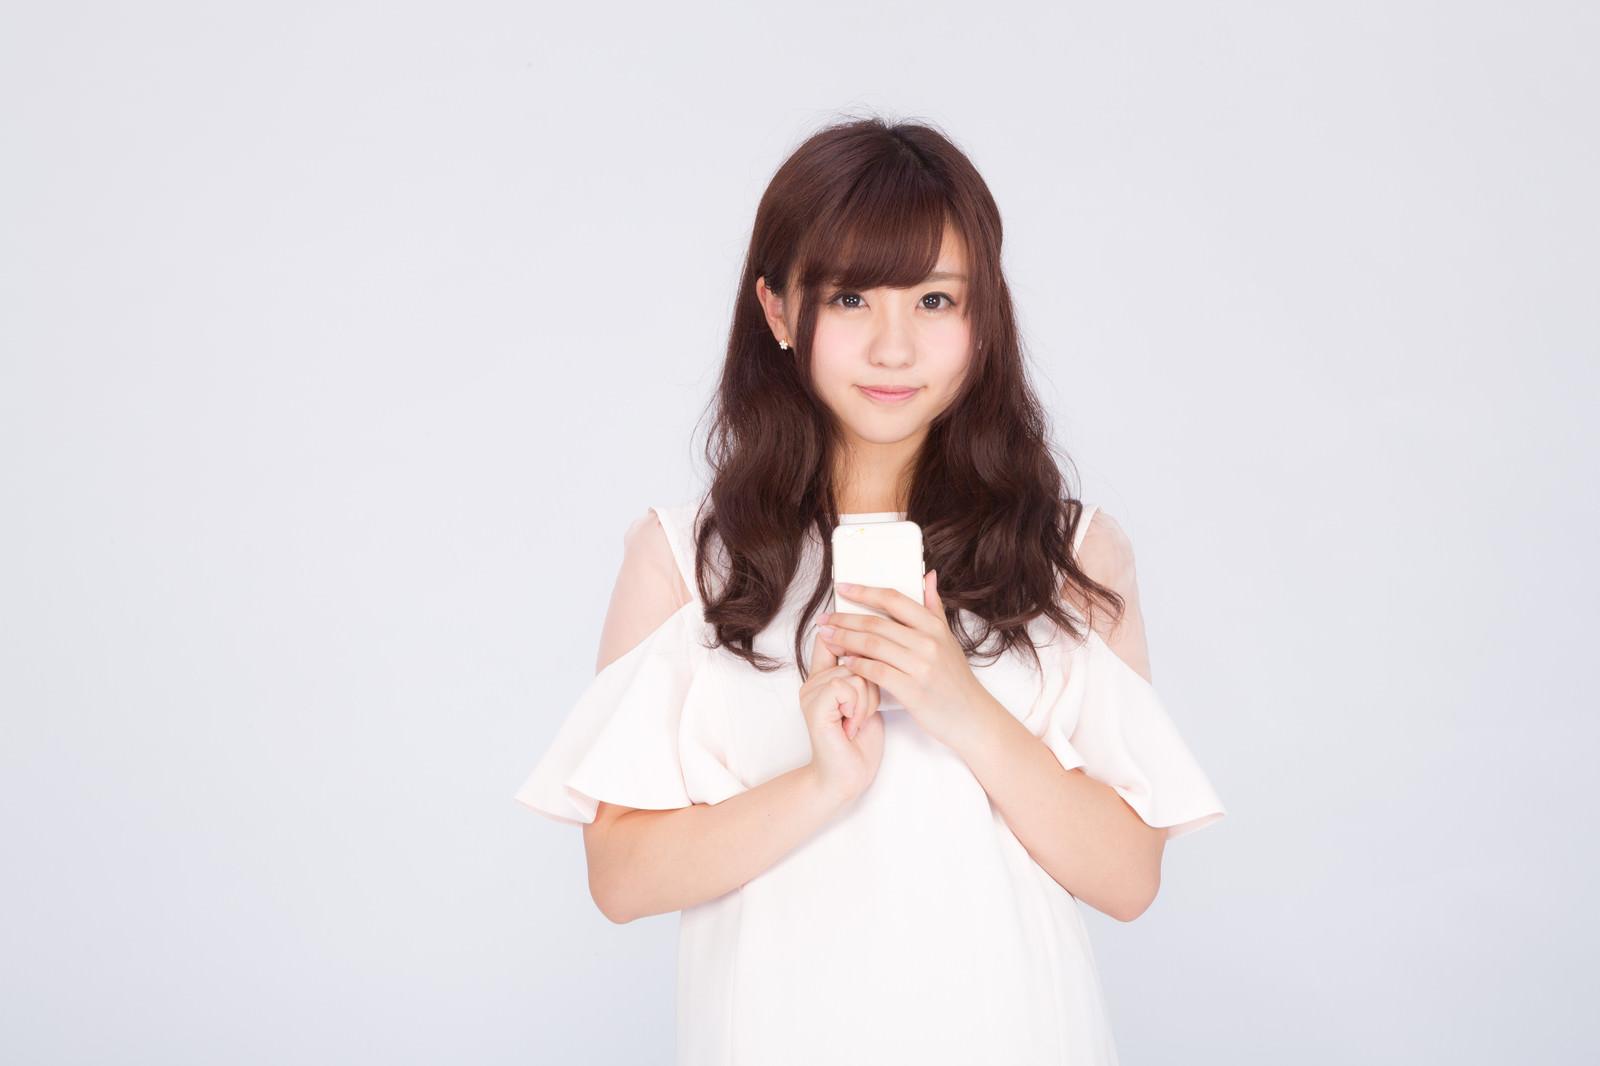 yukachi0I9A0022_TP_V